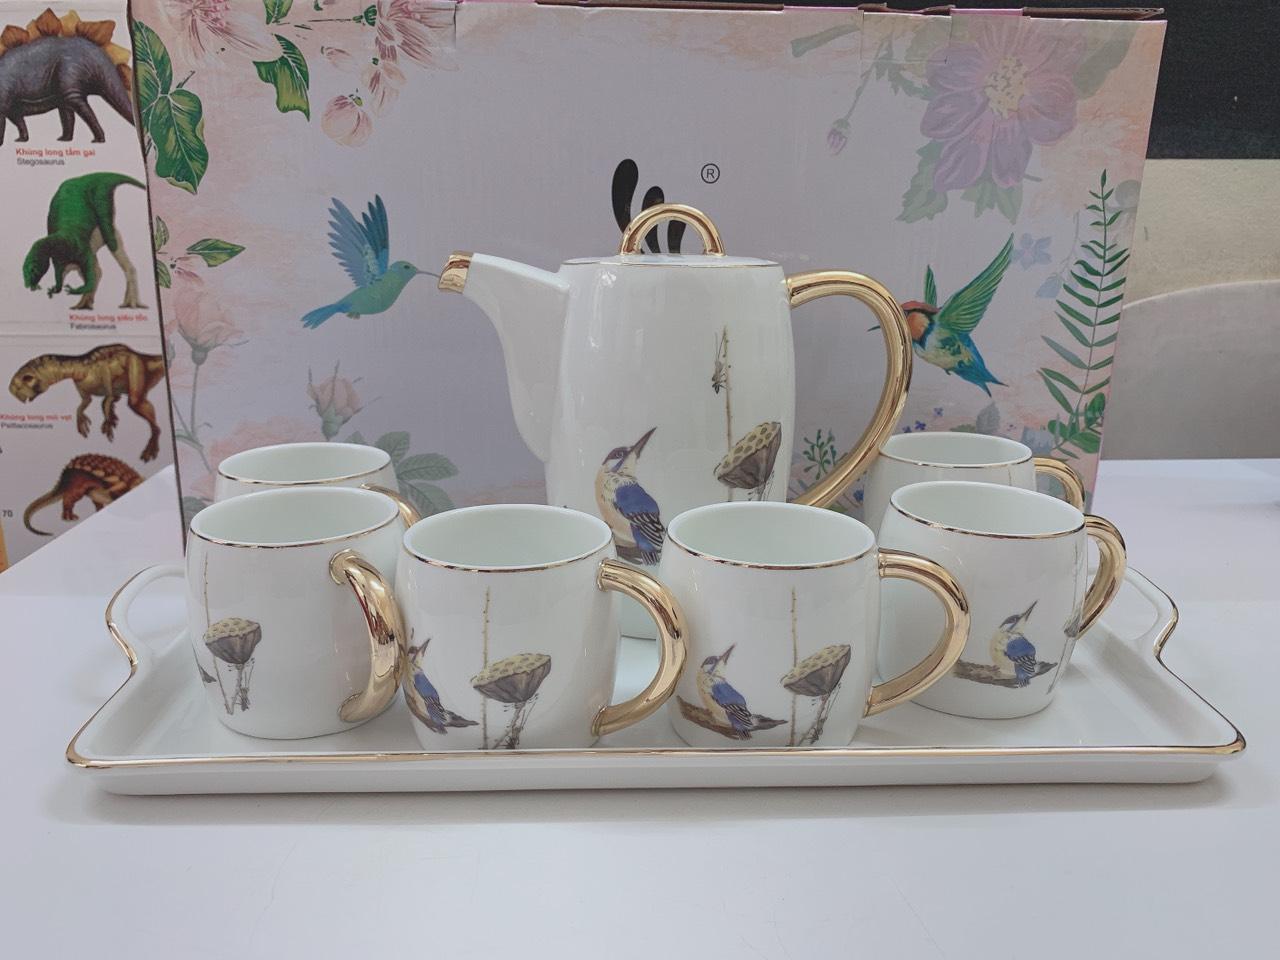 Bộ ấm chén kèm khay sứ pha trà cà phê trắng họa tiết chim và đài sen-ANTH005